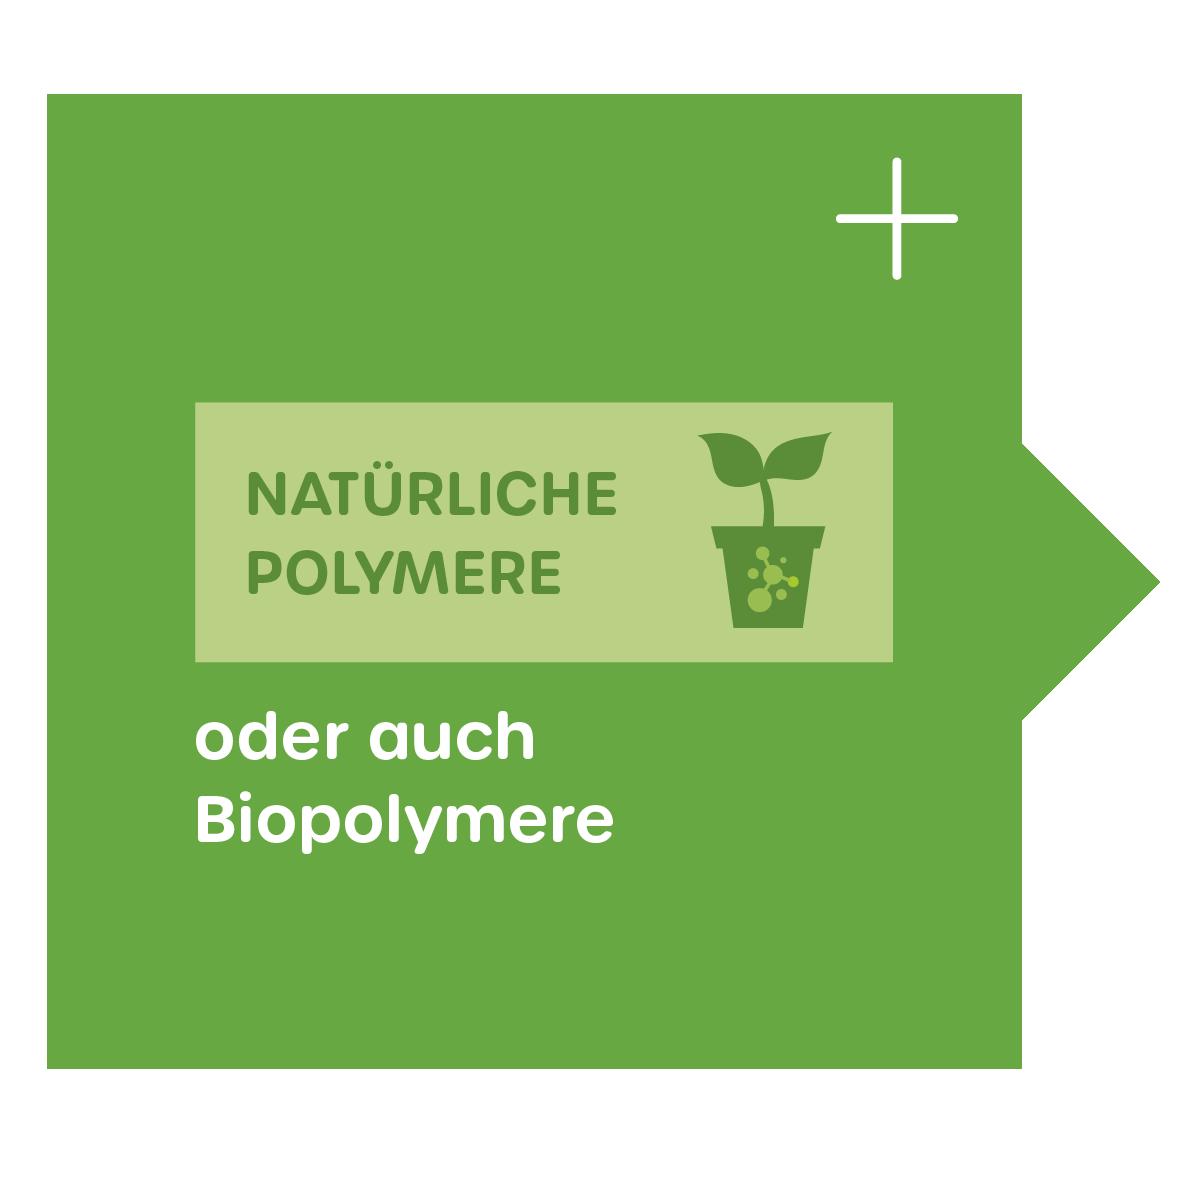 Natürliche Polymere